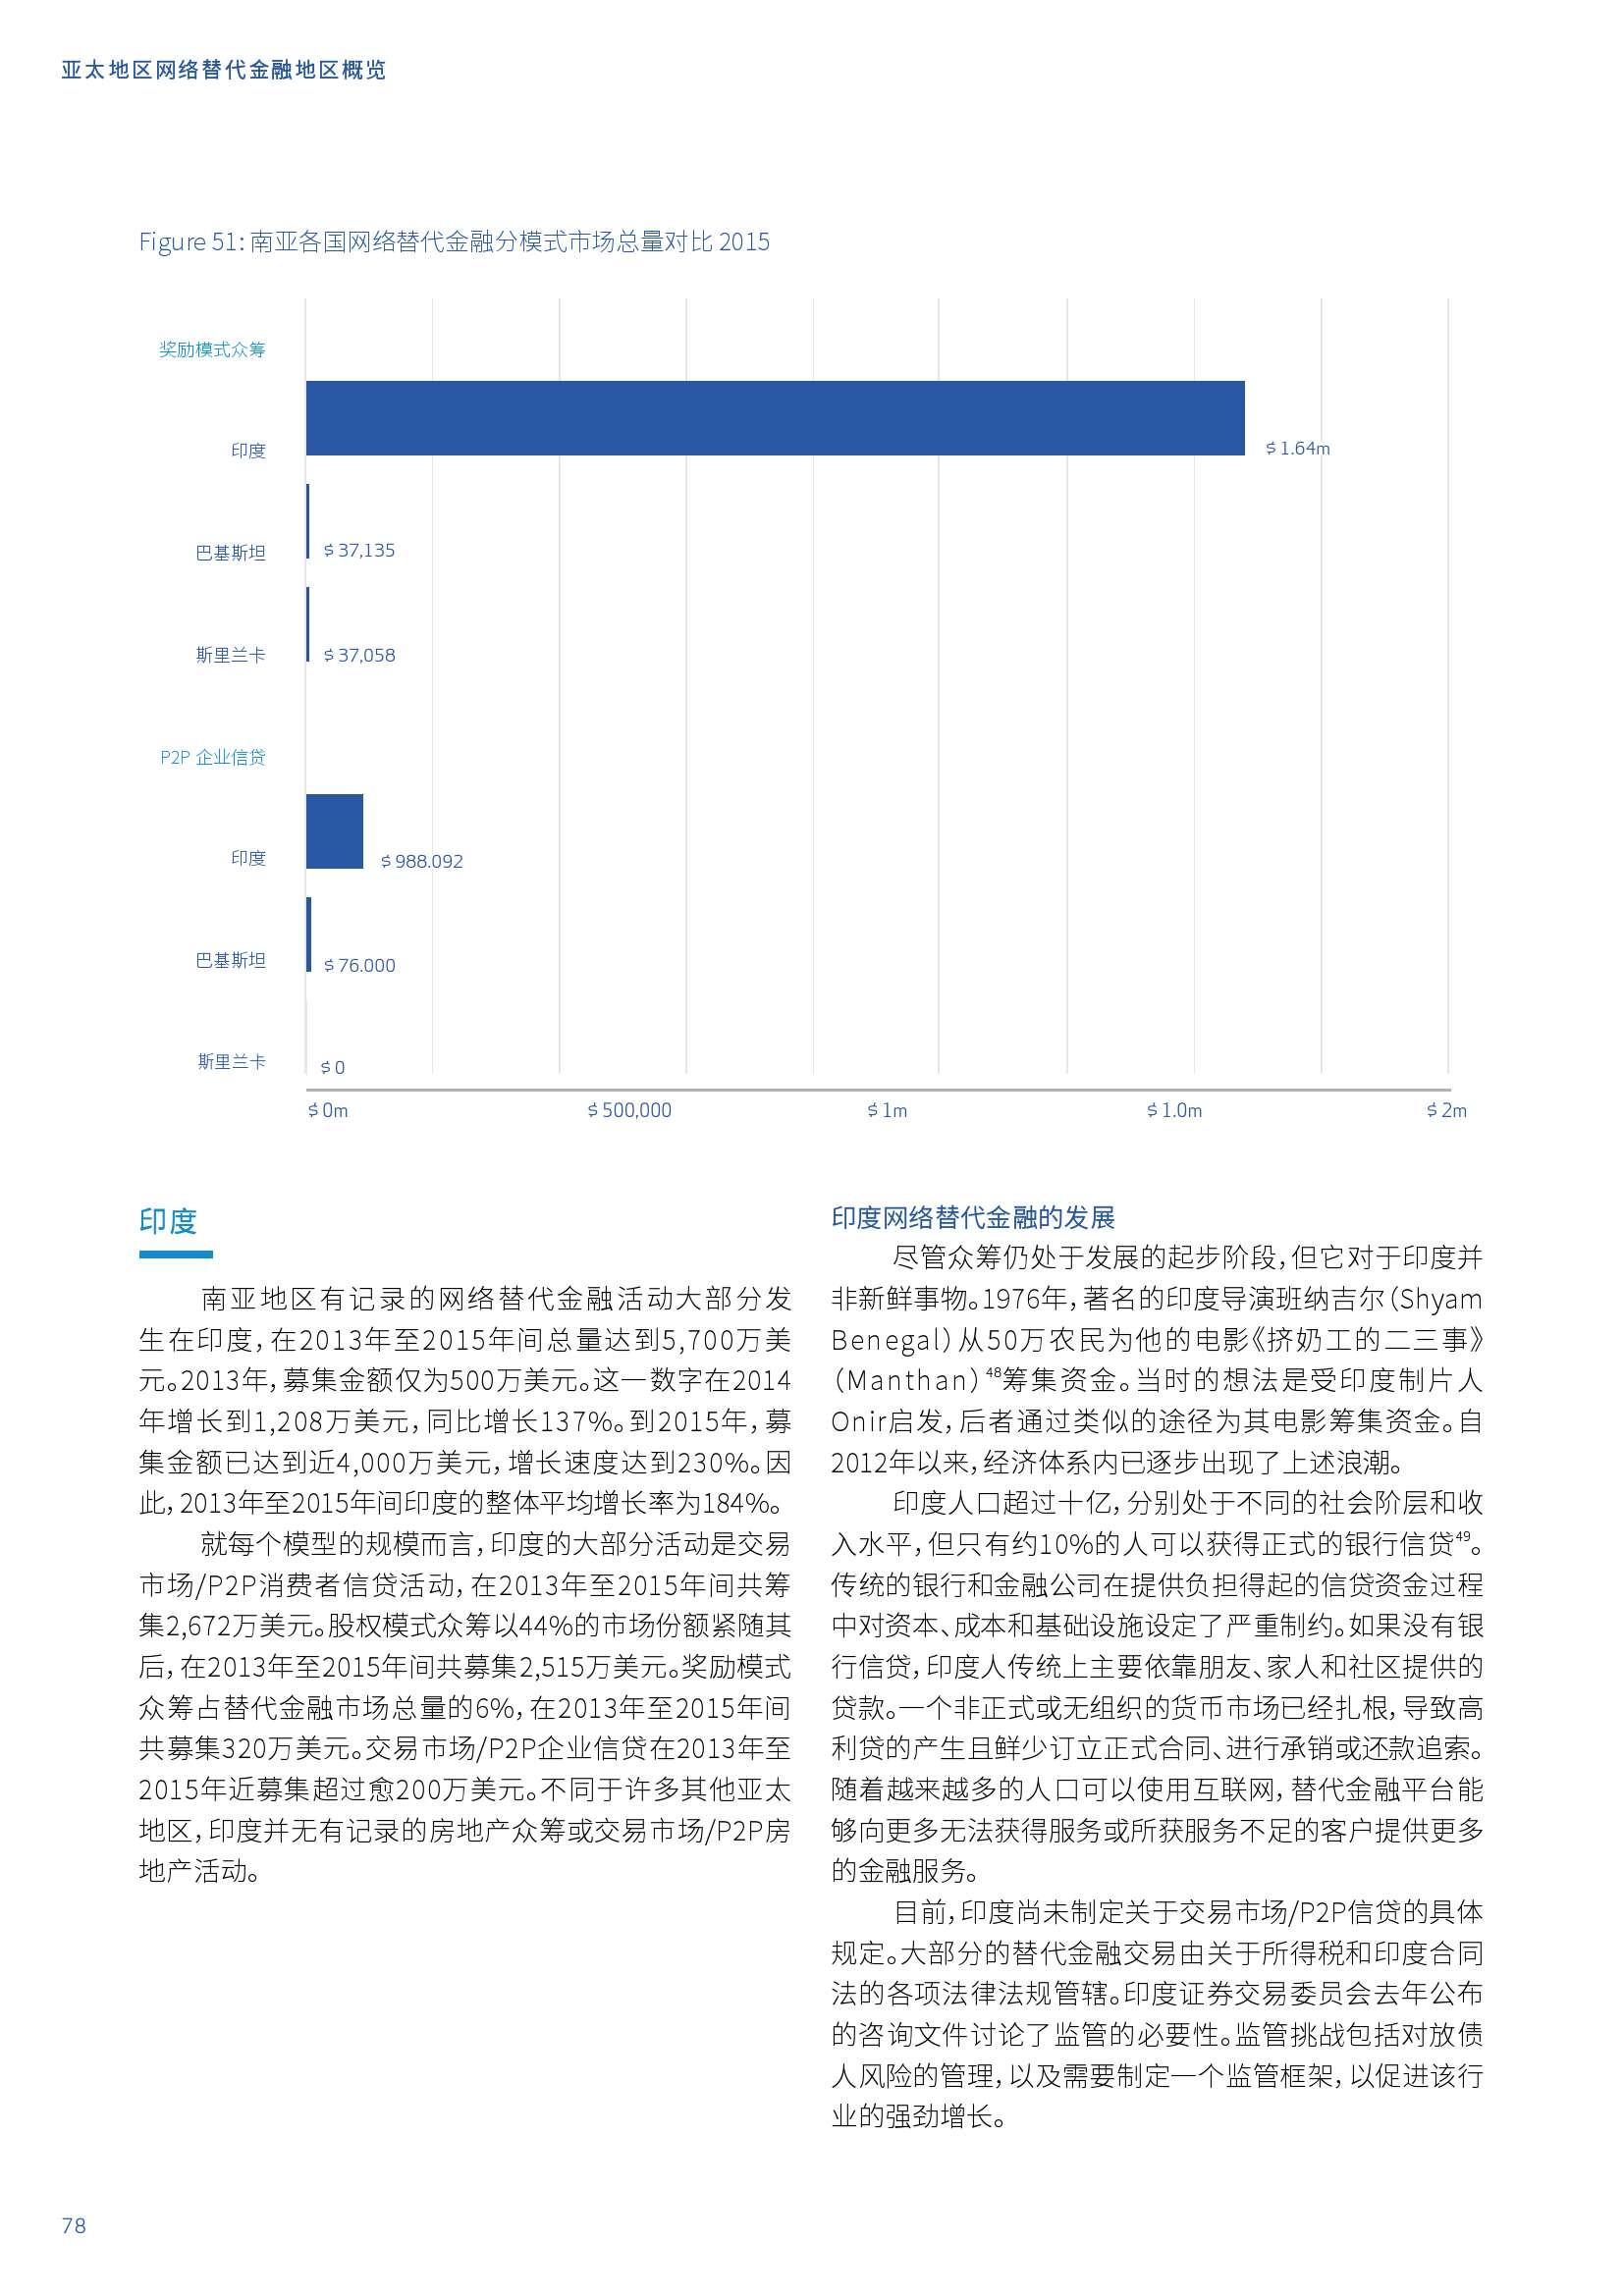 亚太地区网络替代金融基准报告_000078